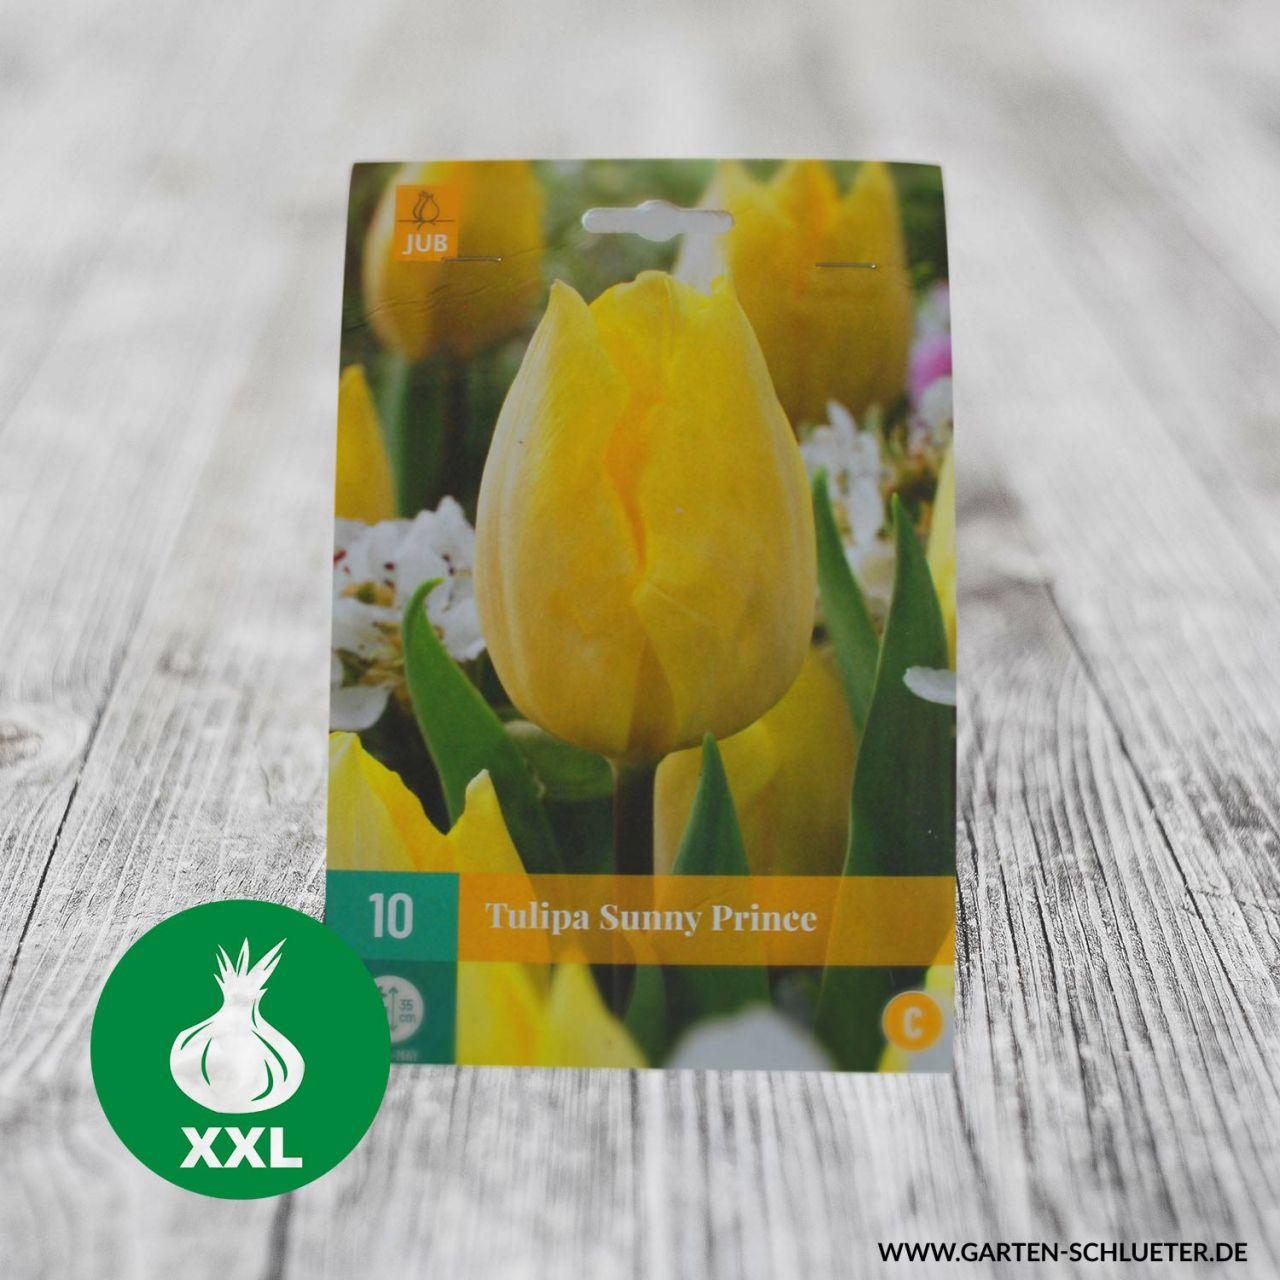 Garten-Schlueter.de: Einfache frühe Tulpe Sunny Prince - 10 Stück